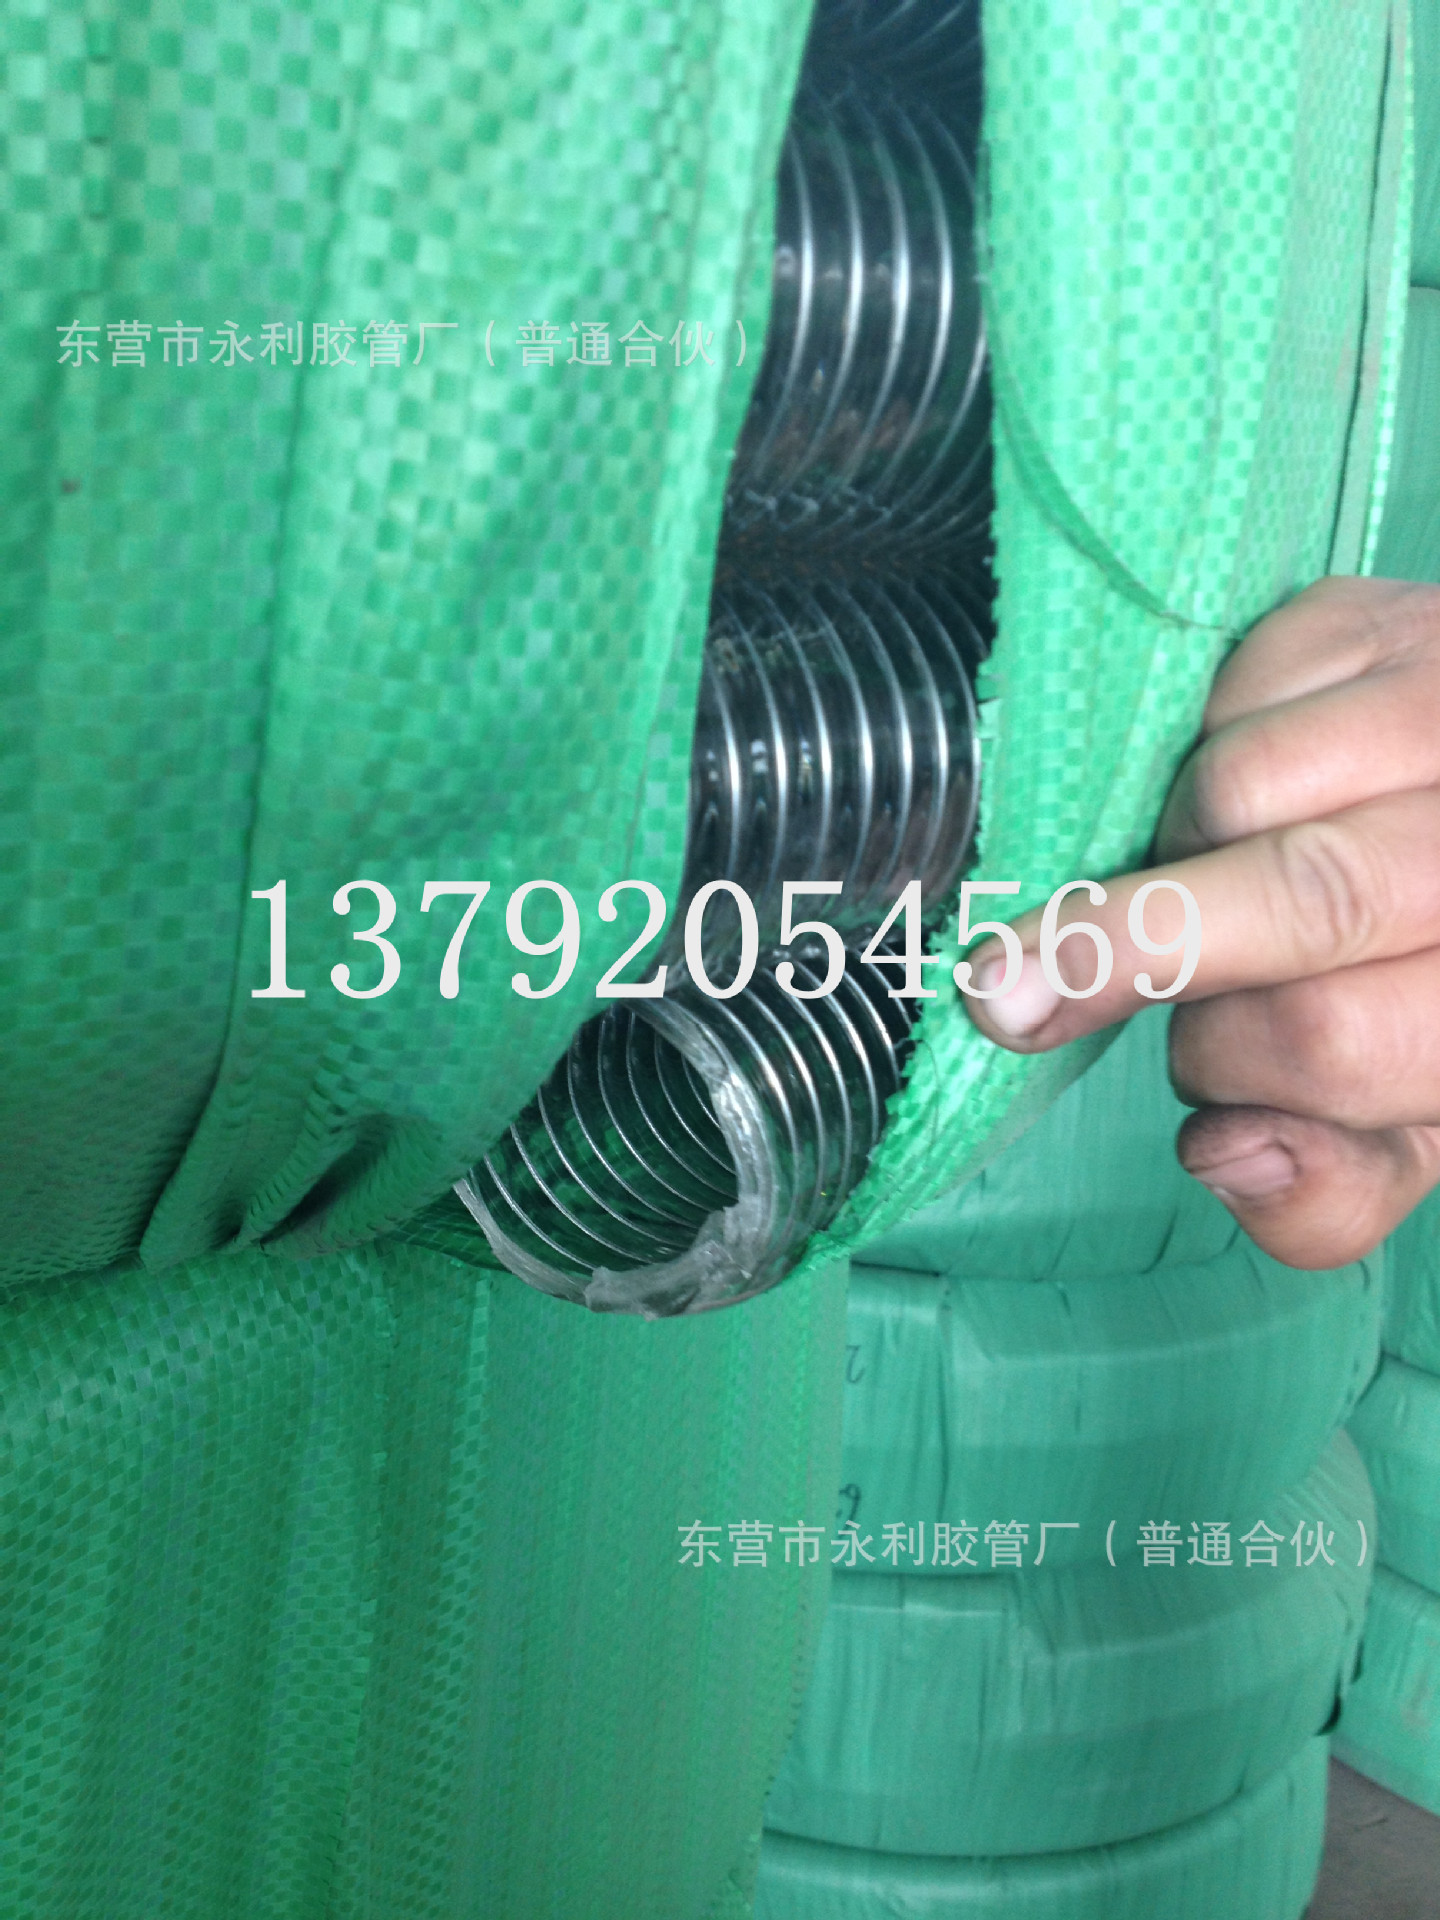 钢丝螺旋管 透明钢丝管16-300m输水输油专用pvc防静电钢丝管